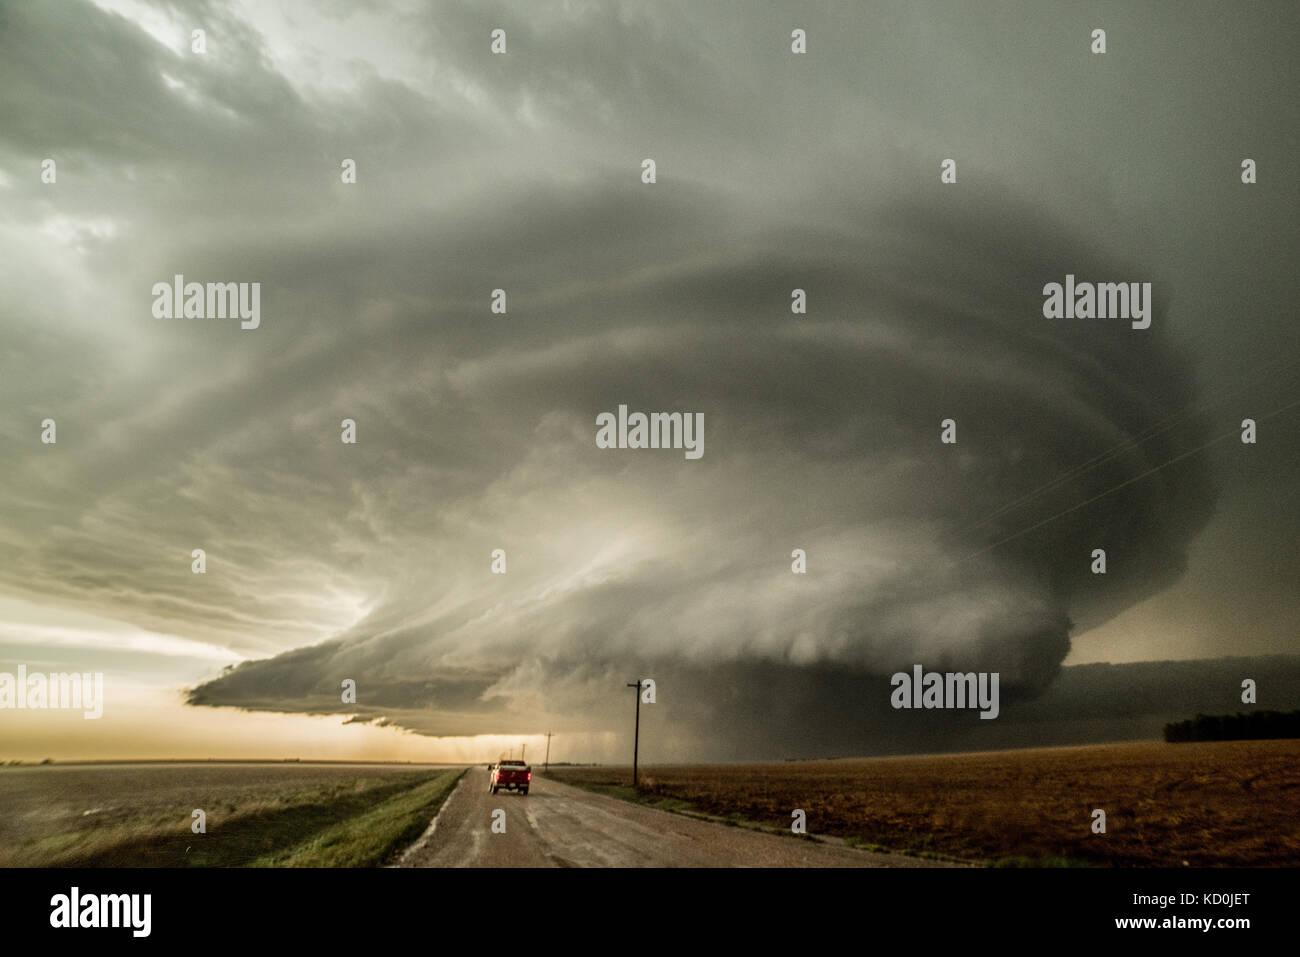 Storm Chaser guida per un supercell che ha prodotto tre tornado e sta per produrre una quarta, Leoti, Kansas, STATI UNITI D'AMERICA Foto Stock